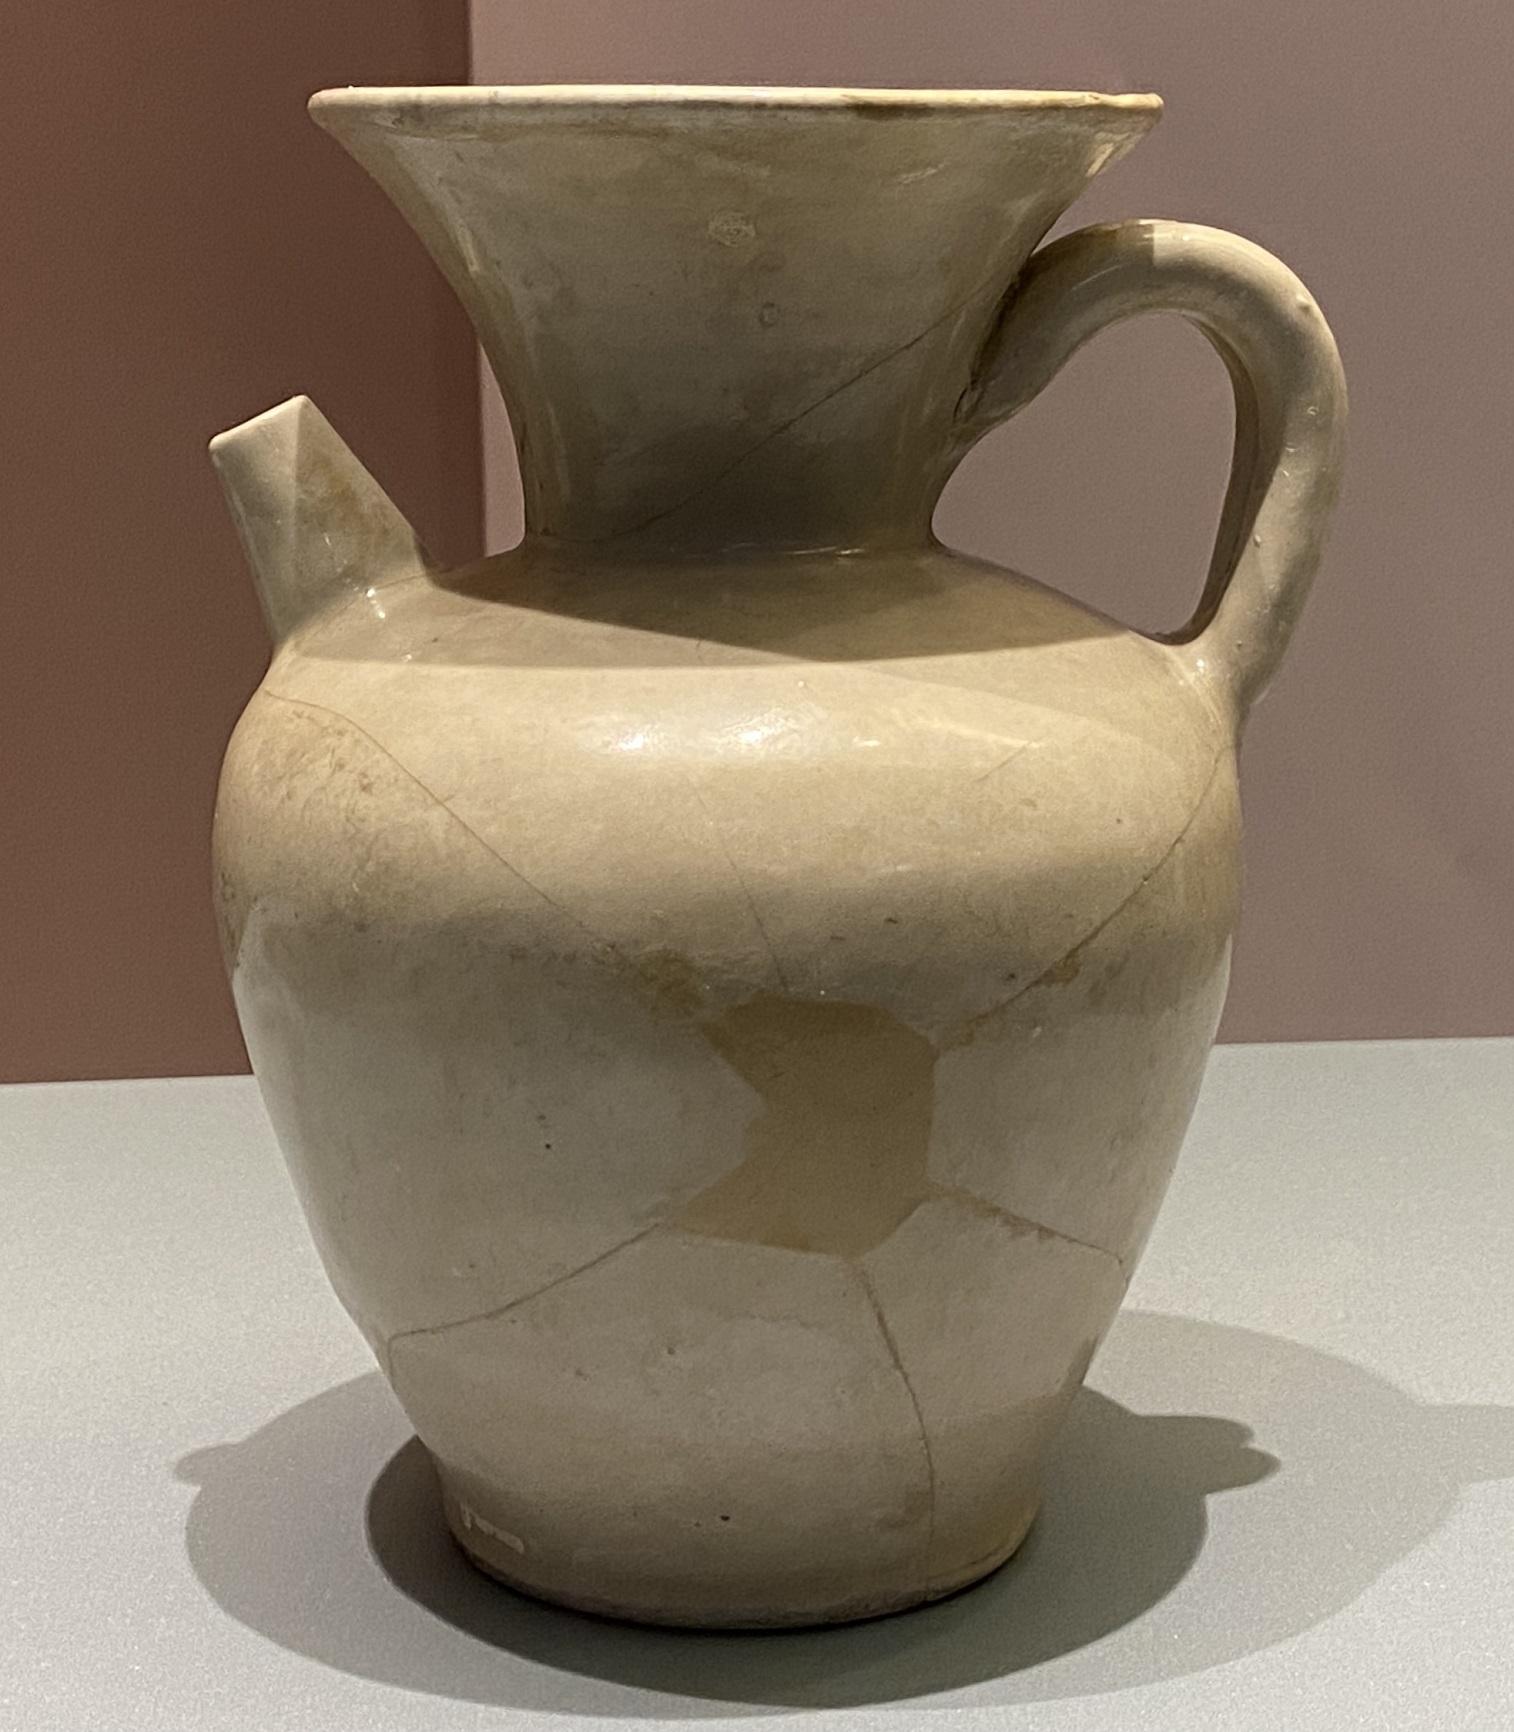 白釉磁湯瓶-唐時代-特別展【食味人間】四川博物院・中国国家博物館